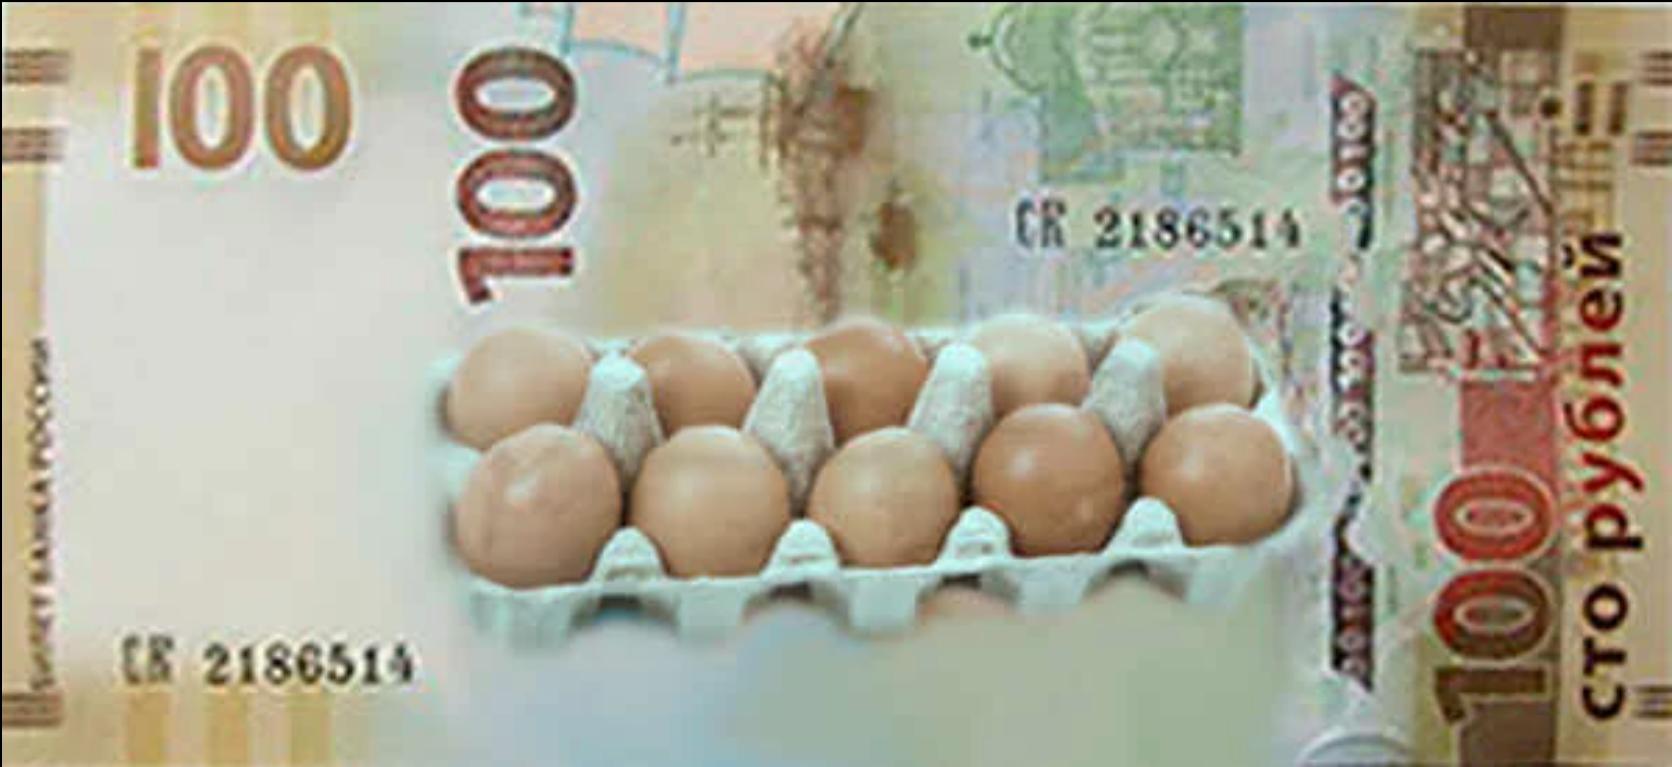 Что в ЦБ хотят изобразить на новой денежке и станет ли она от этого больше стоить?